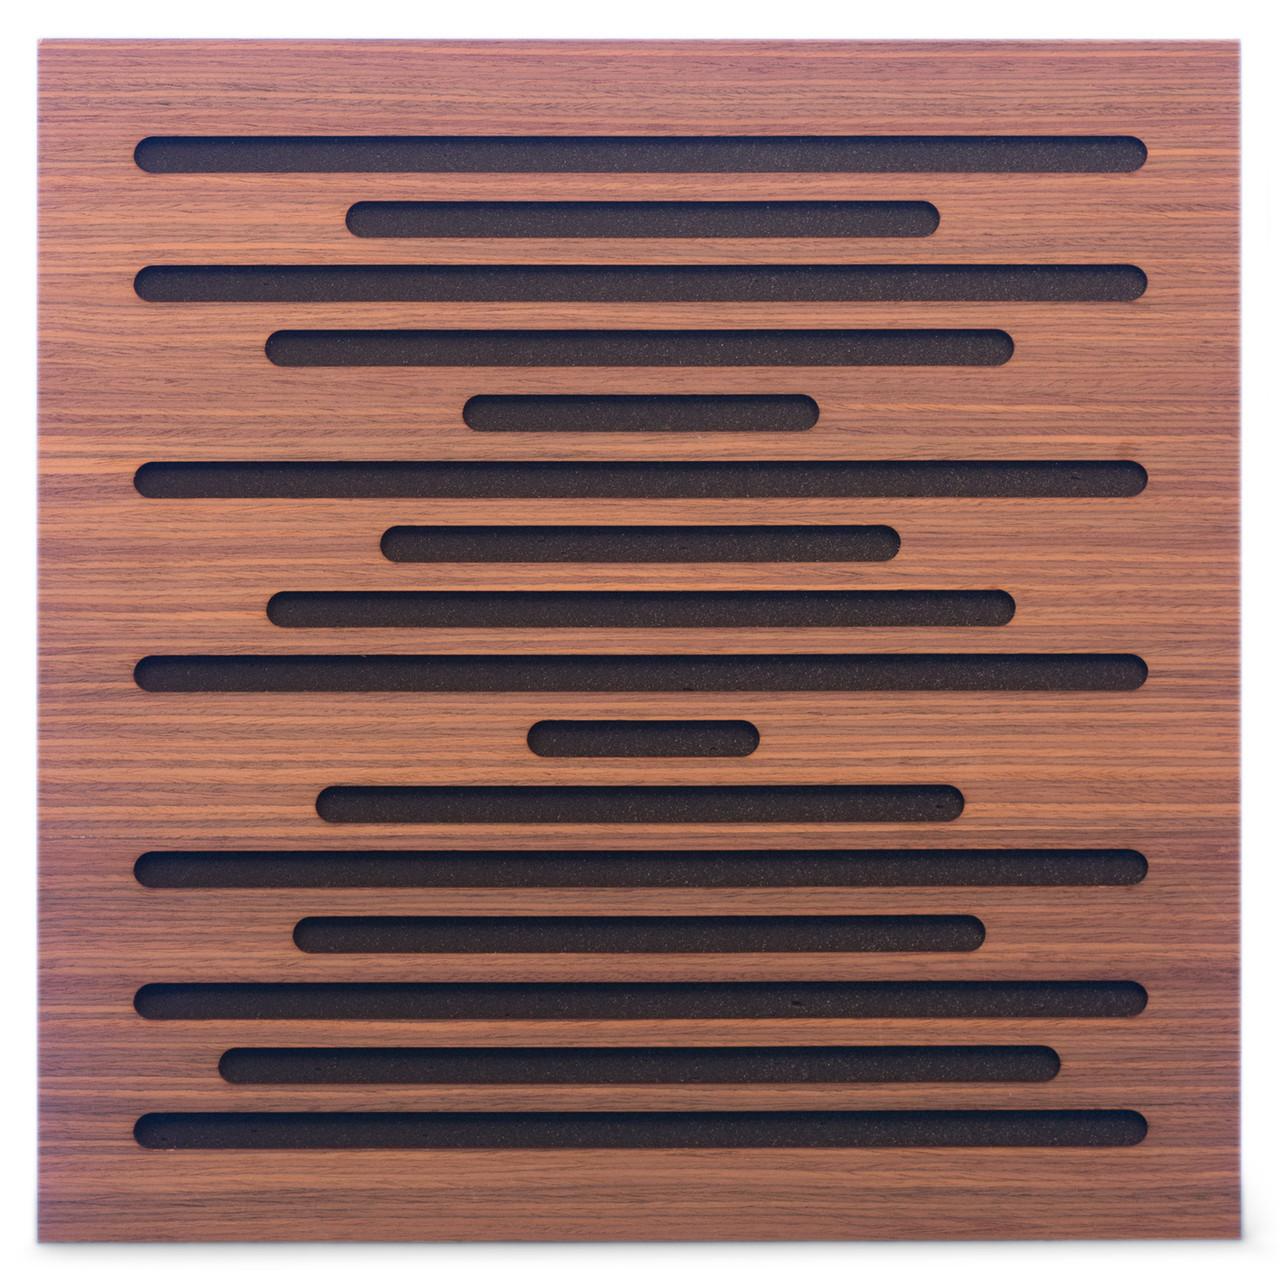 Акустическая панель Ecosound EcoWave Rosewood 50x50см 33мм цвет коричневый